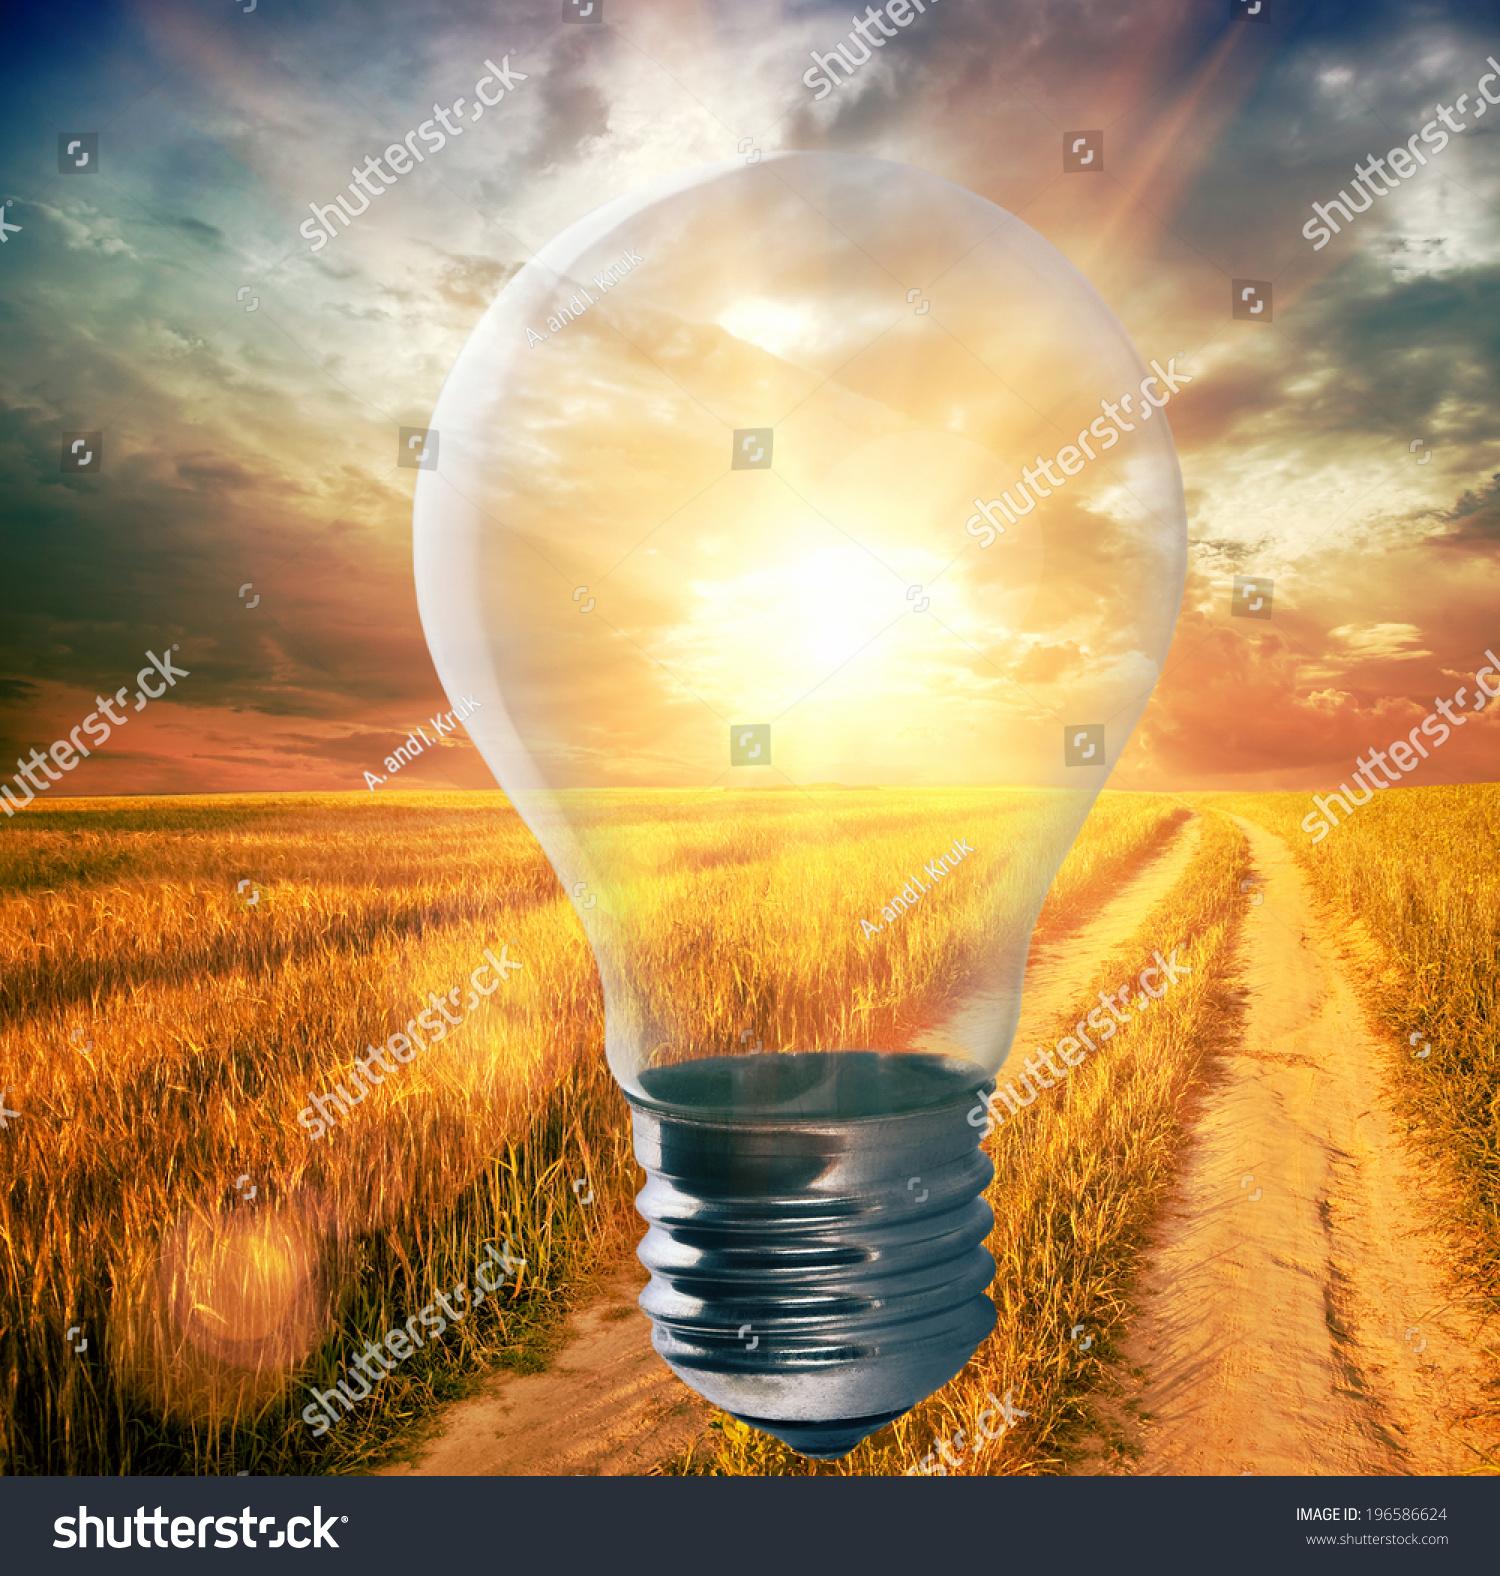 Stadium Lights Light Bulb: Light Bulb Sunshine Inside Field Environment Stock Photo